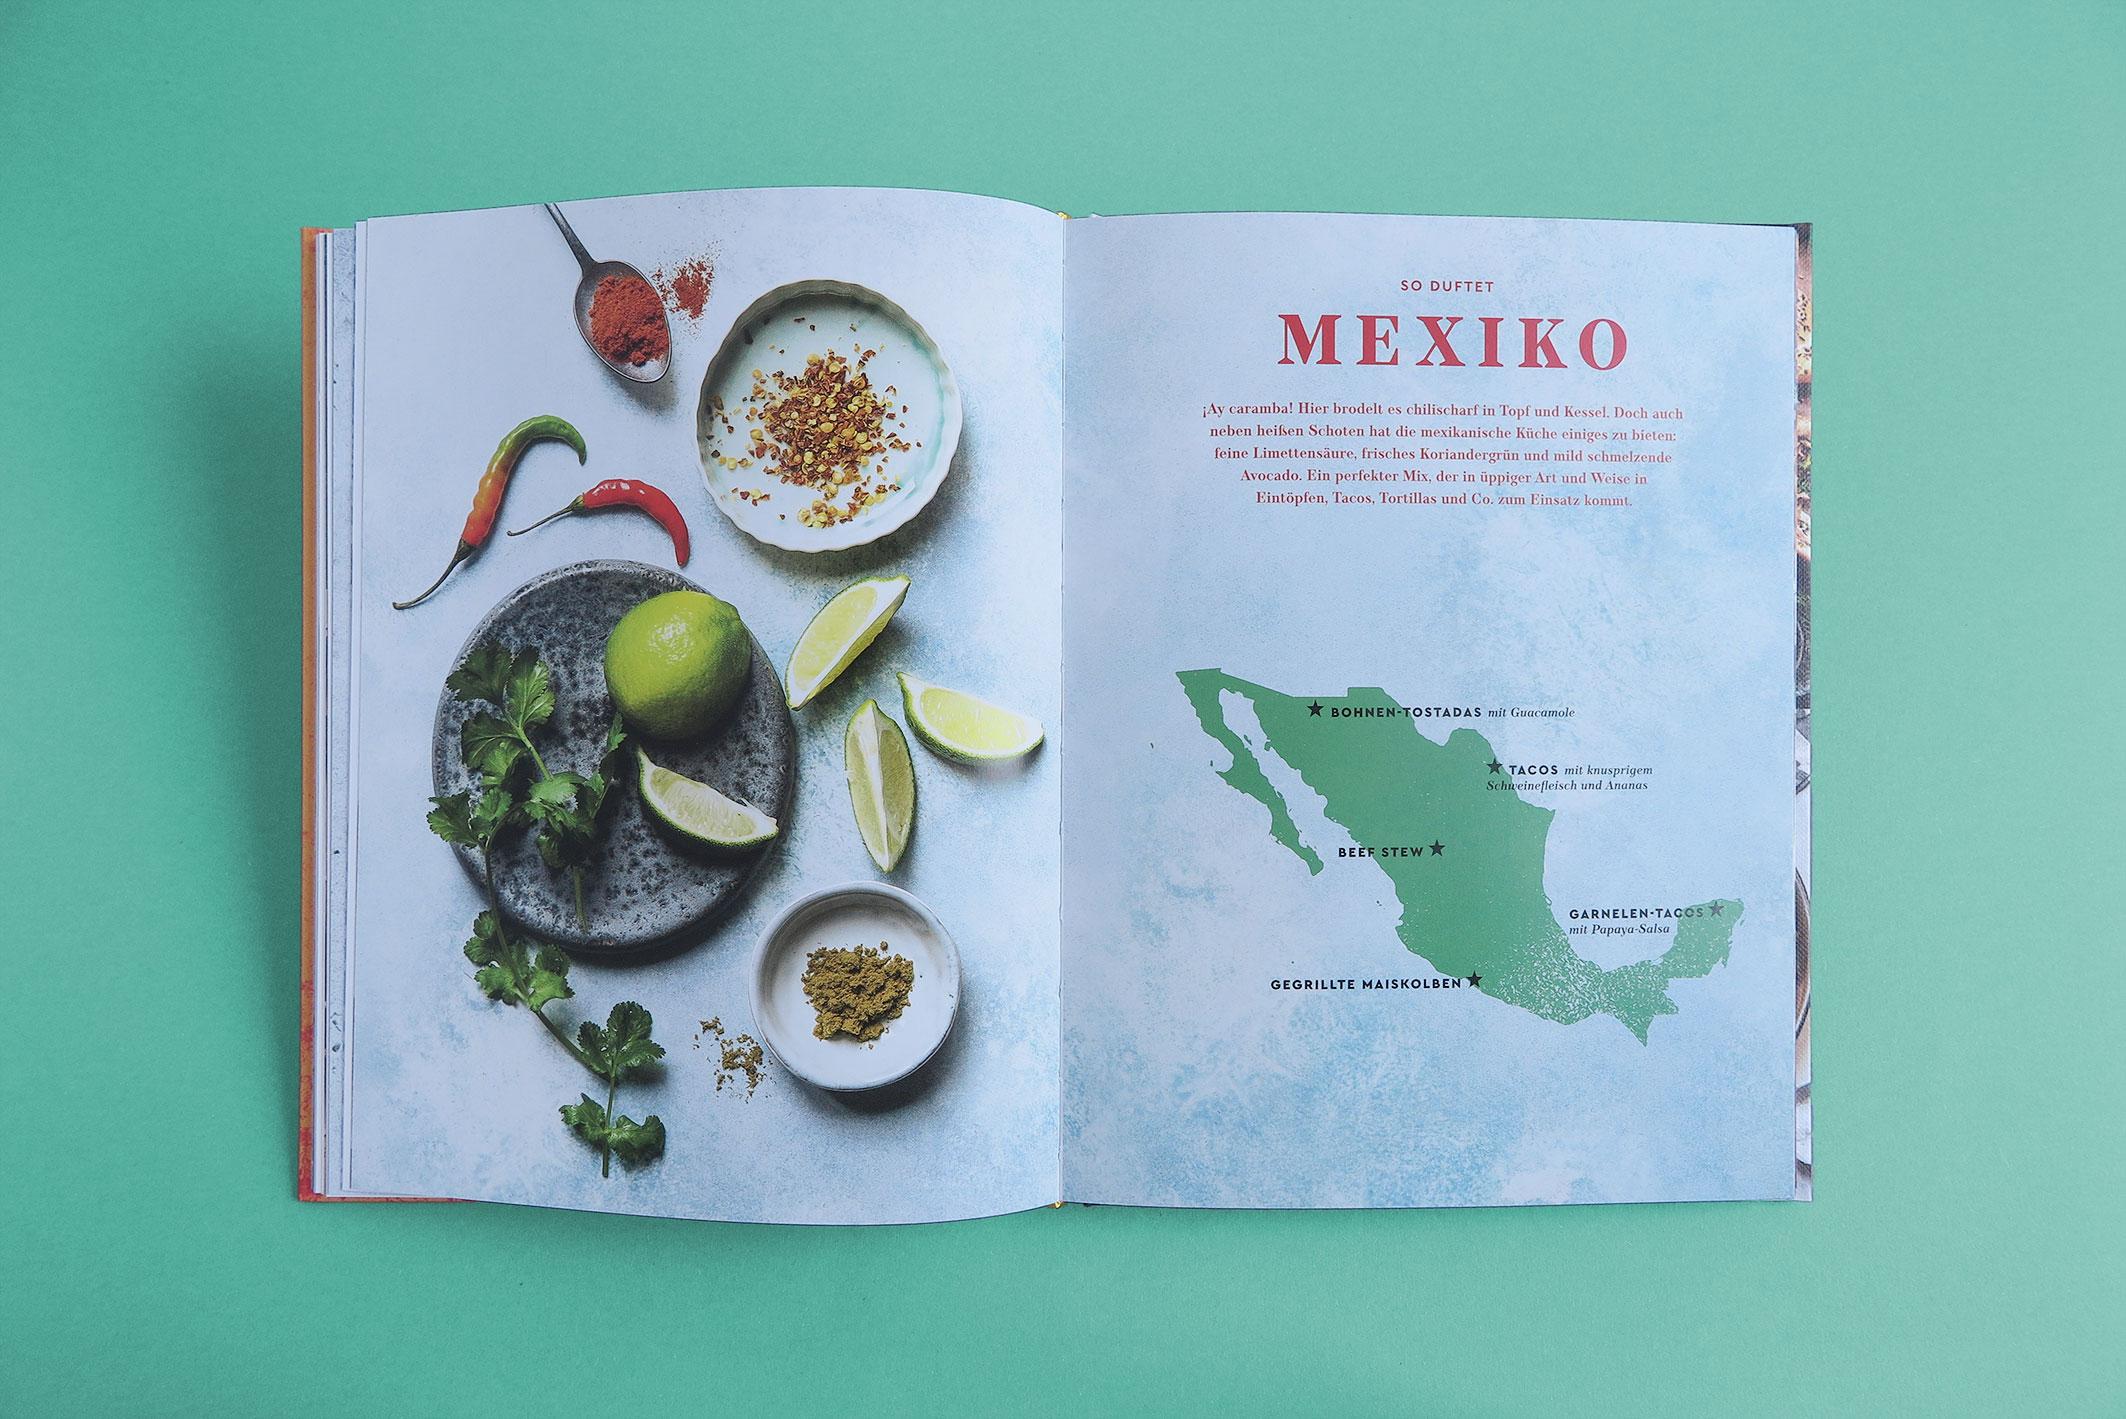 Kapitelaufmacher mit food still von Gewürzen und Landkarte